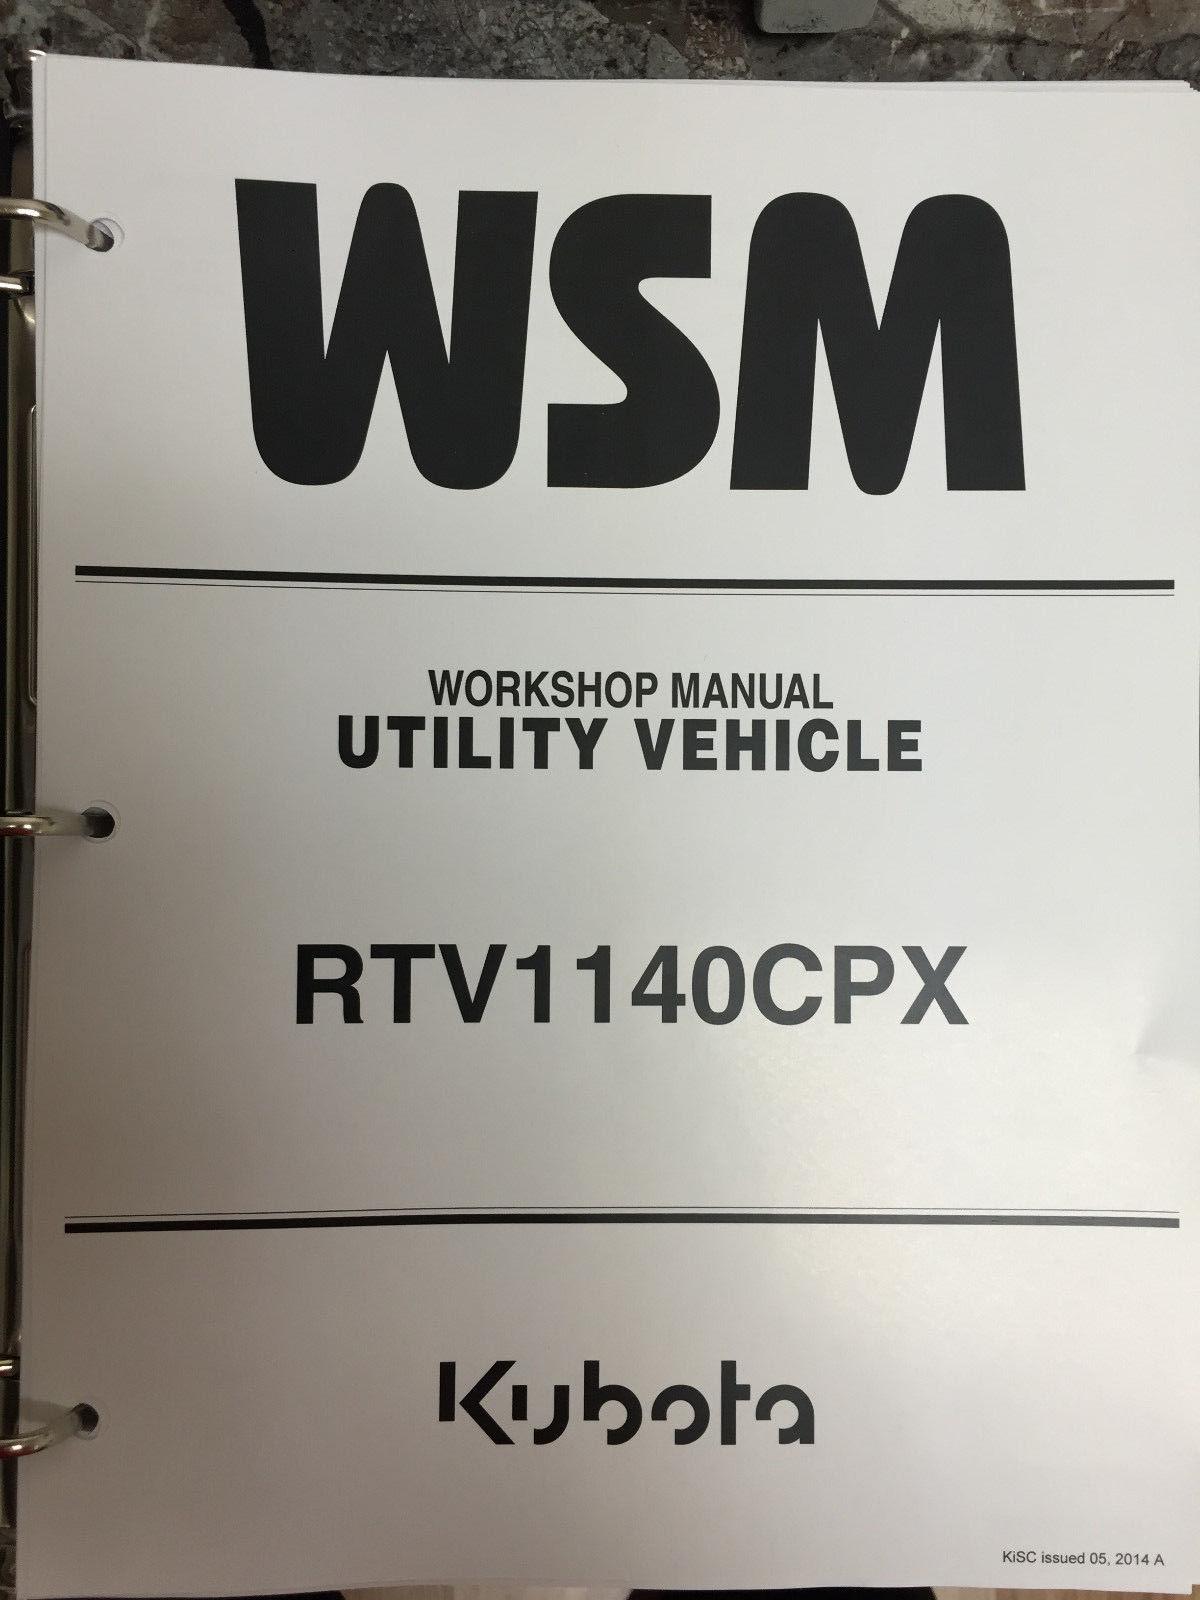 kubota rtv 1140 cpx wiring diagram kubota rtv1140cpx utility vehicle utv and 10 similar items  kubota rtv1140cpx utility vehicle utv